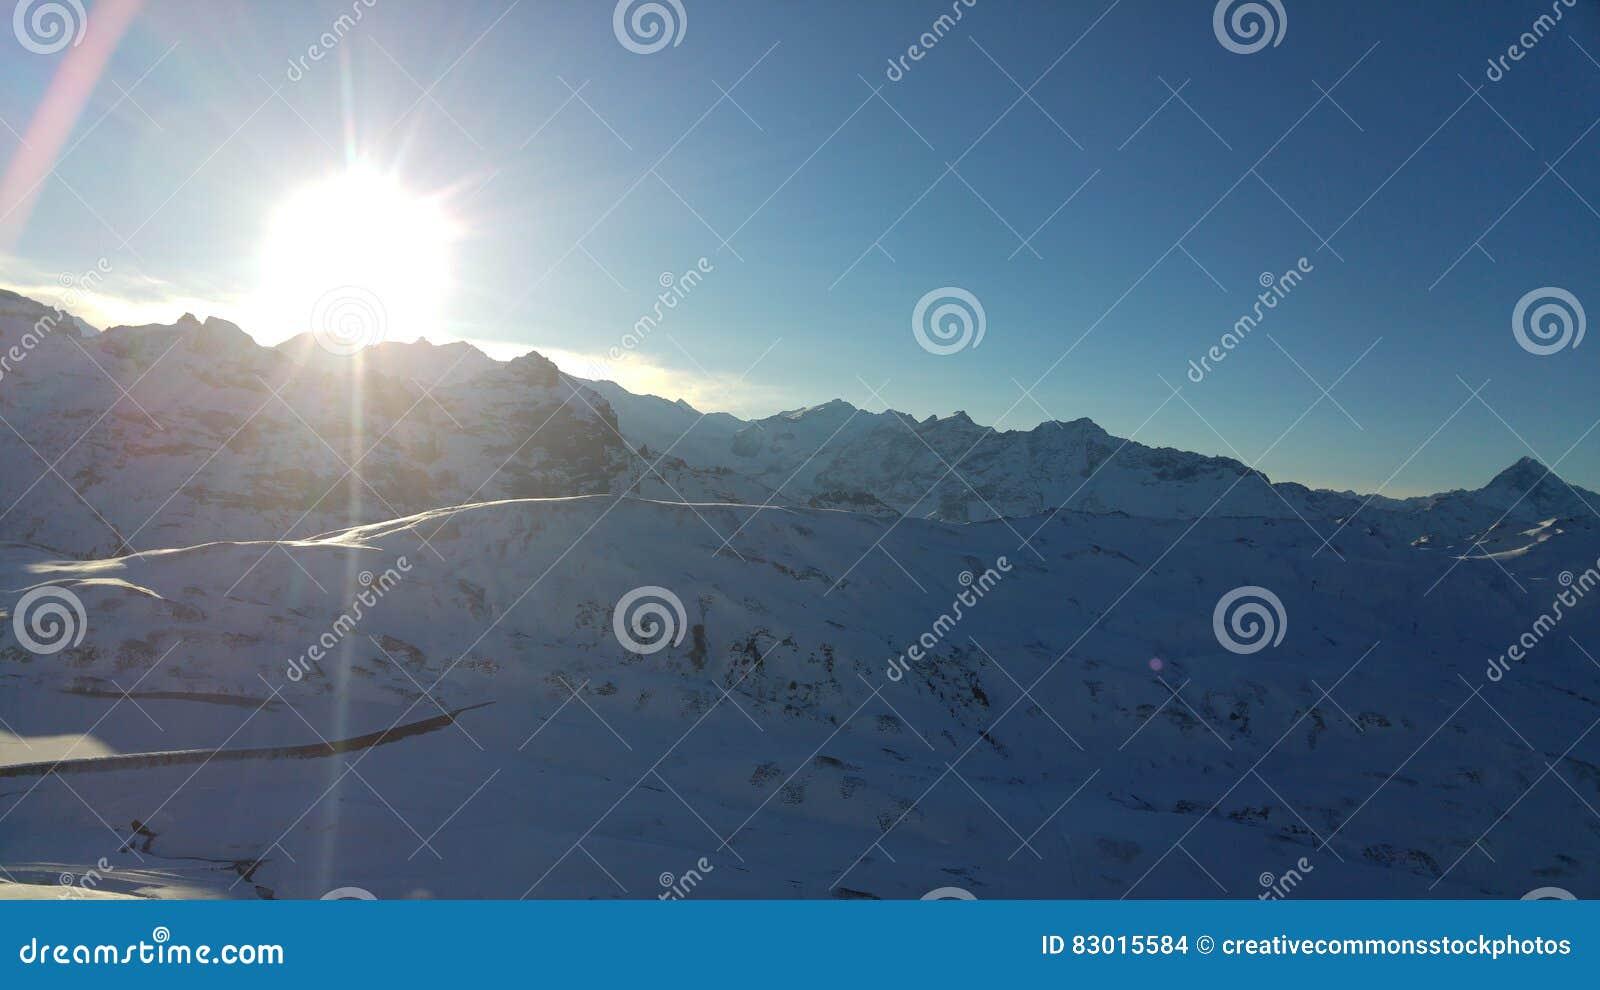 Download Snow Mountain stock photo. Image of snow, photo, stock - 83015584